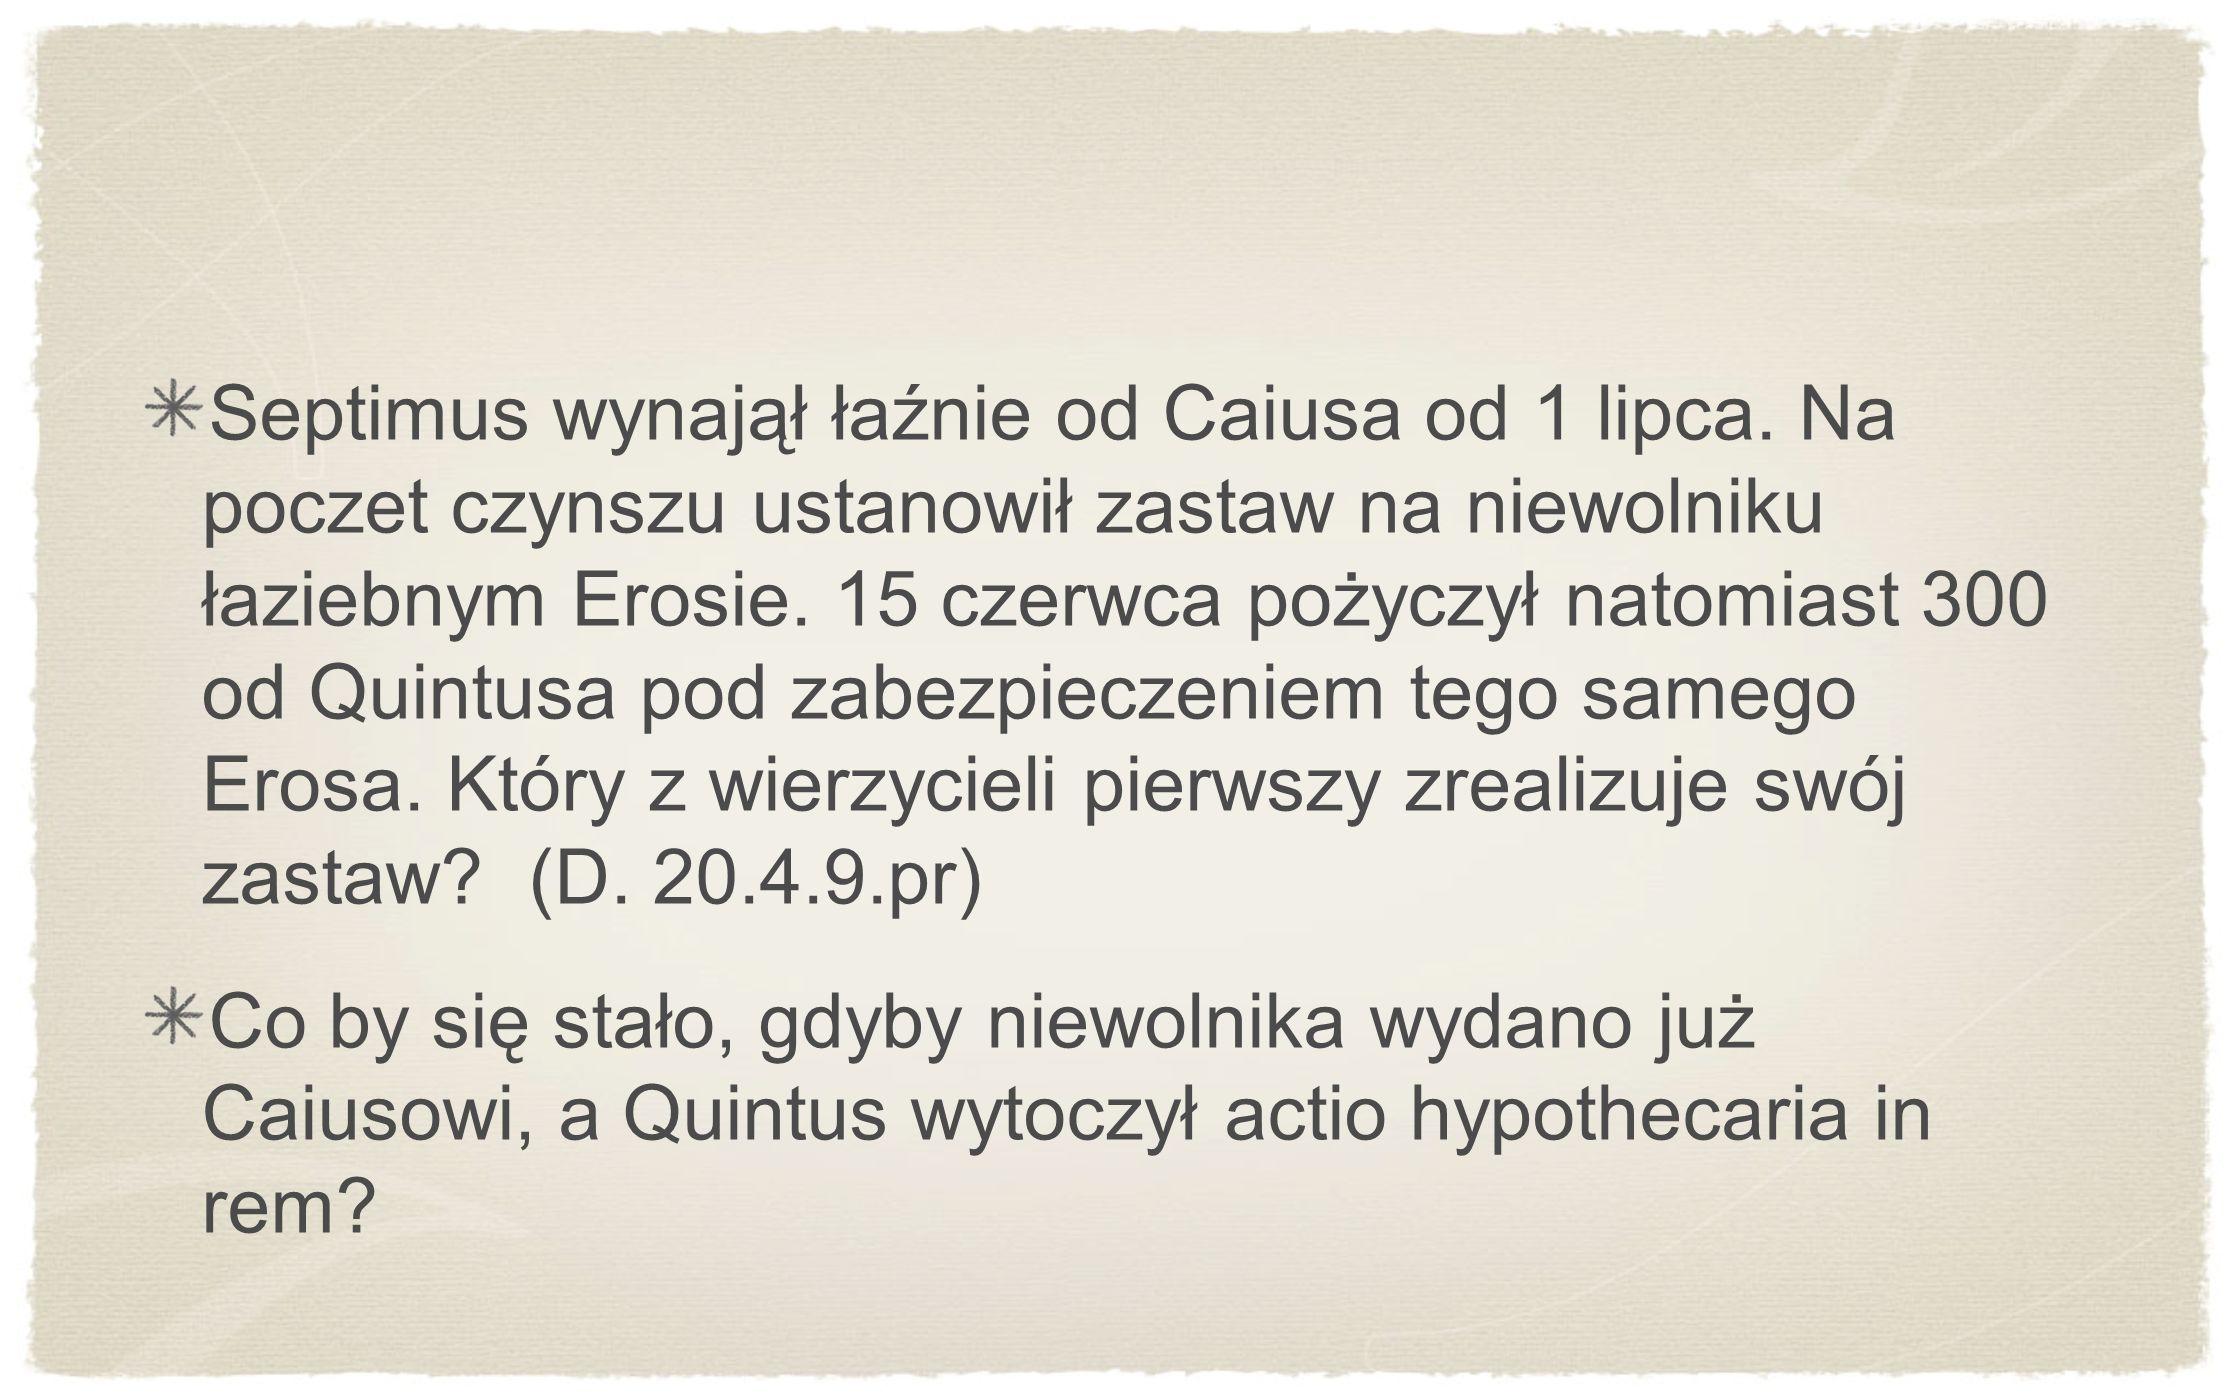 Septimus wynajął łaźnie od Caiusa od 1 lipca. Na poczet czynszu ustanowił zastaw na niewolniku łaziebnym Erosie. 15 czerwca pożyczył natomiast 300 od